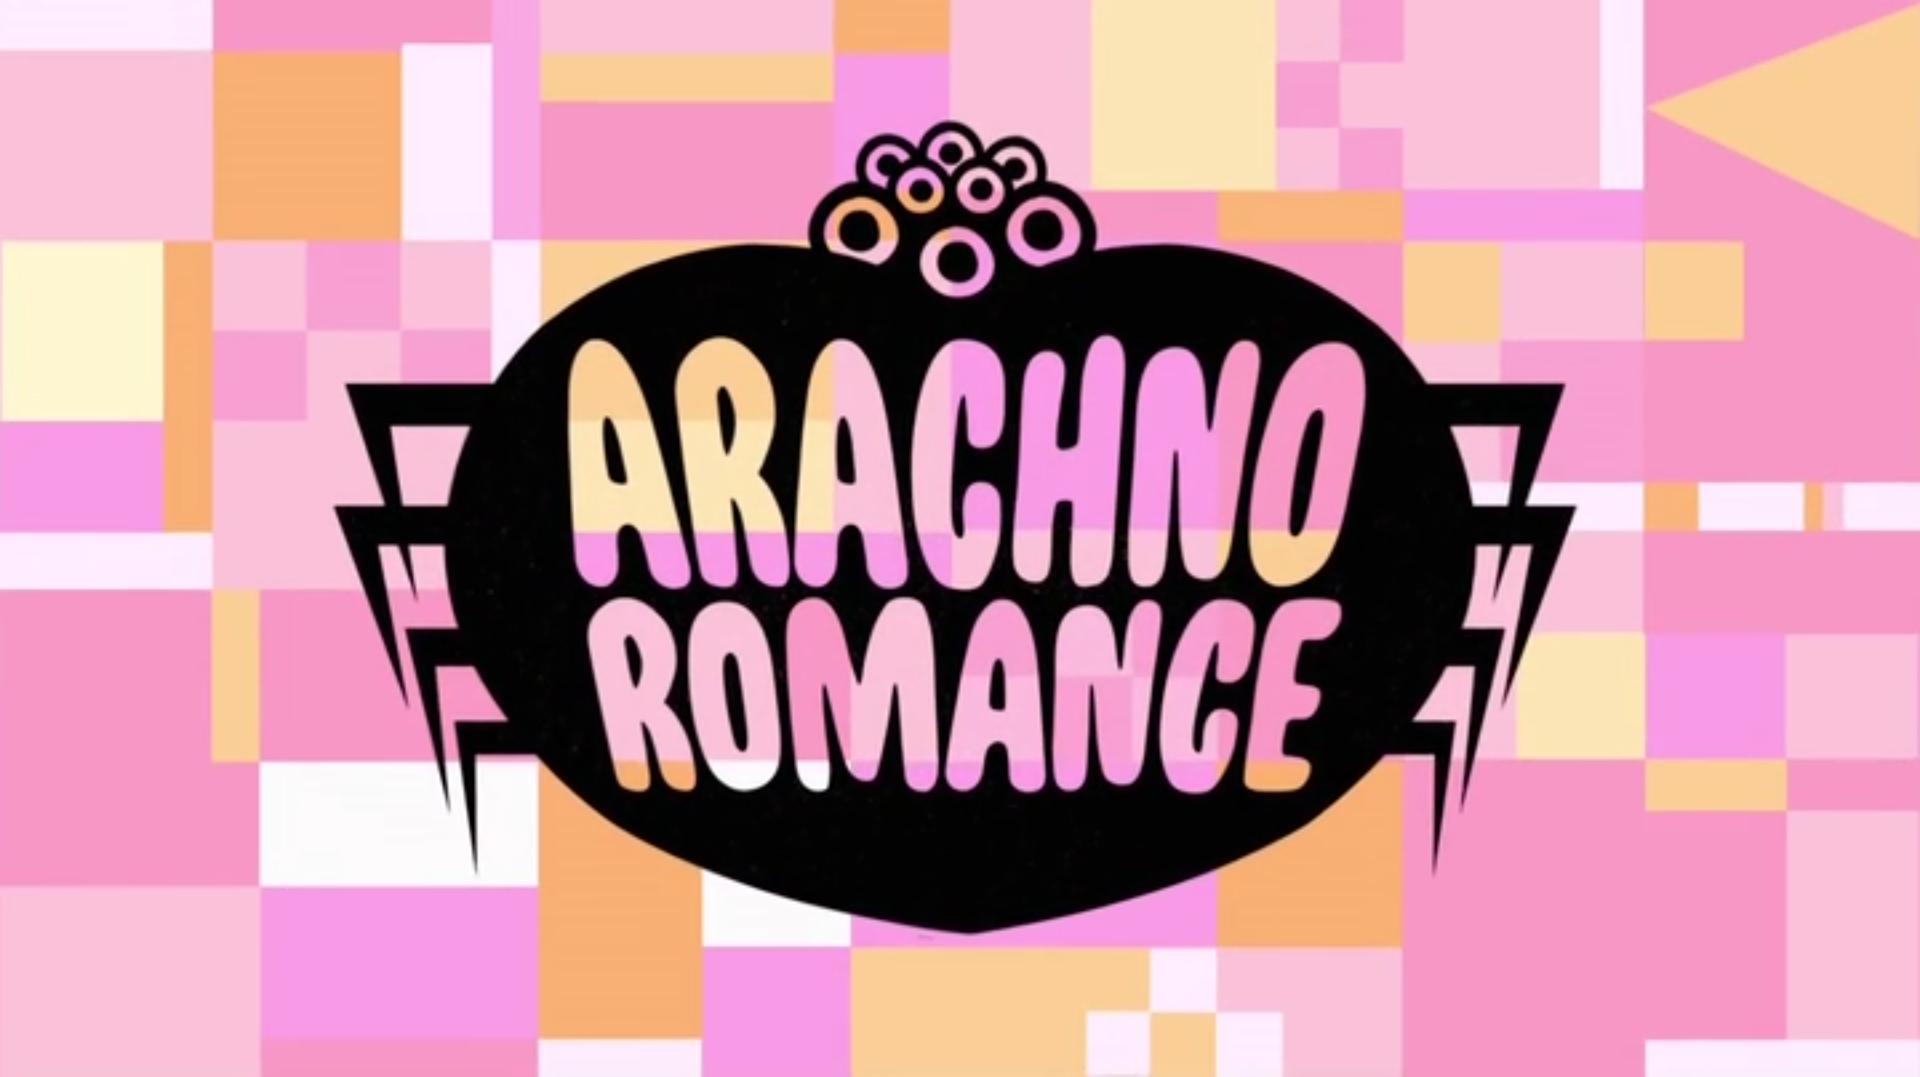 arachno romance powerpuff girls wiki fandom powered by wikia